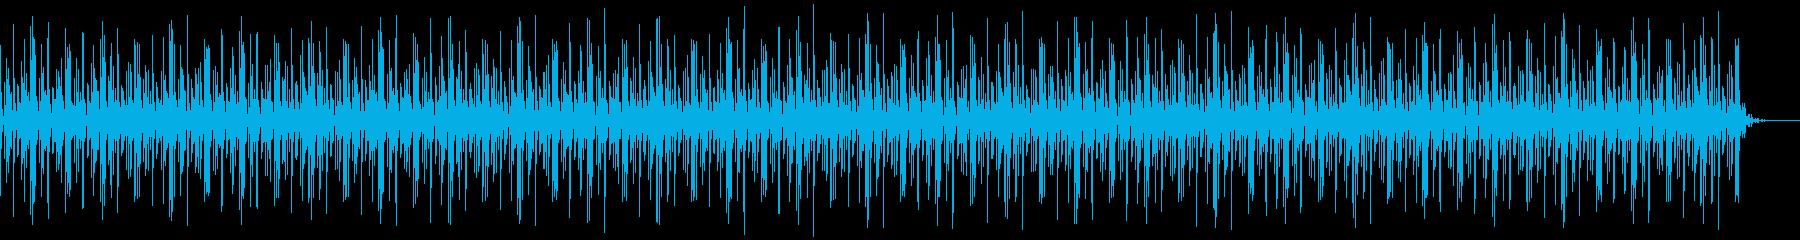 [ニュース報道]無機質:フラット:02の再生済みの波形